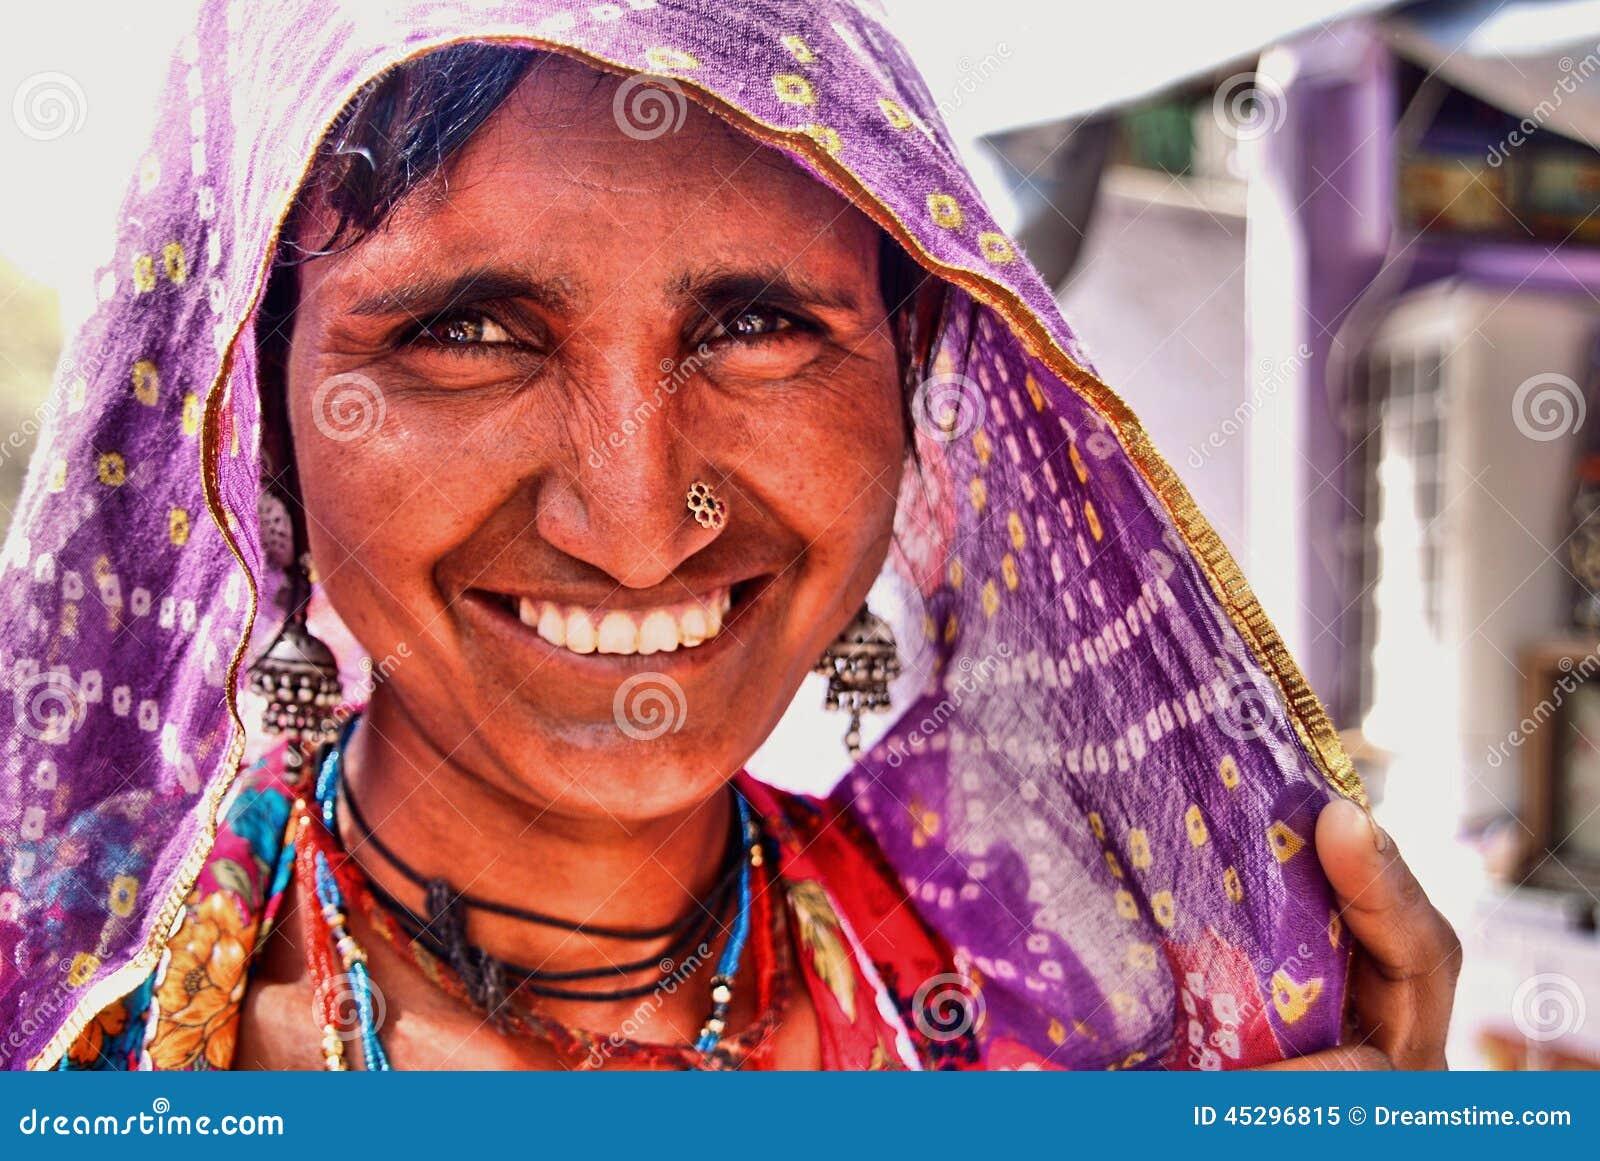 Retrato de una mujer hindú que sonríe en el fuerte de Jaisalmer, Rajasthán, la India del norte